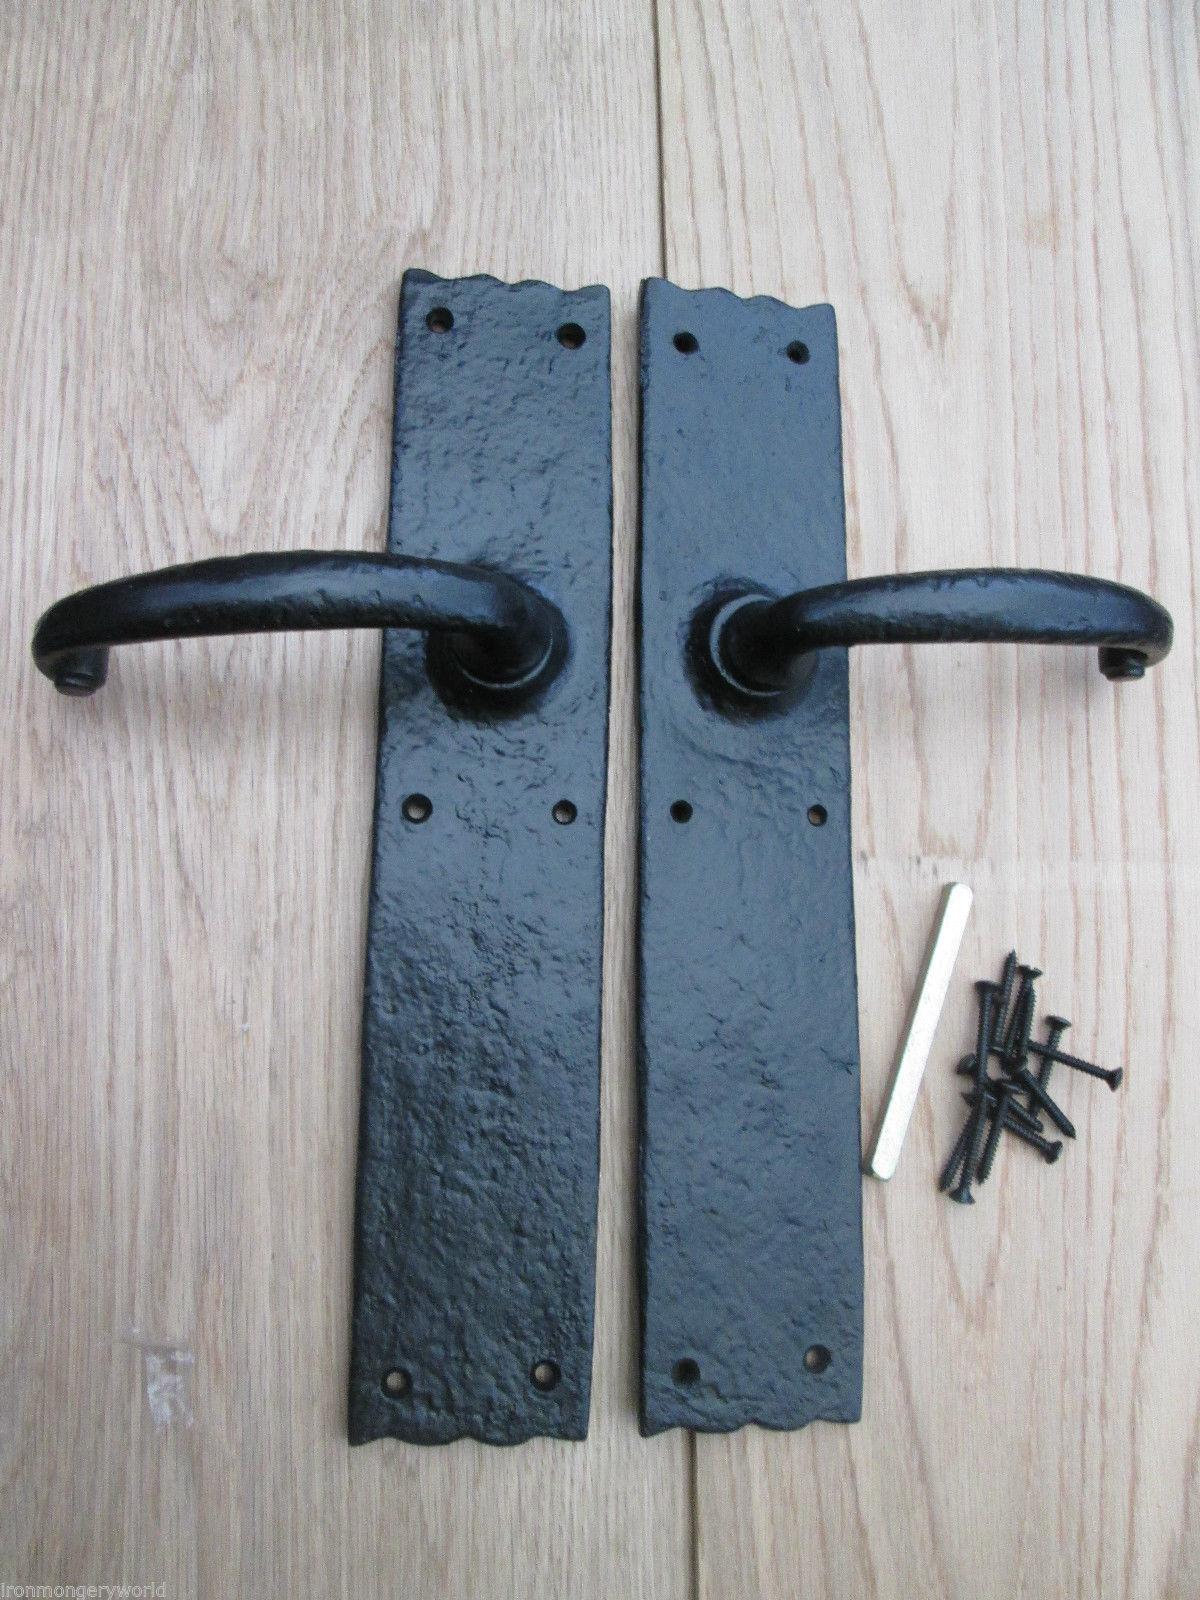 Barn door handles and locks - Barn Door Handles And Locks 21